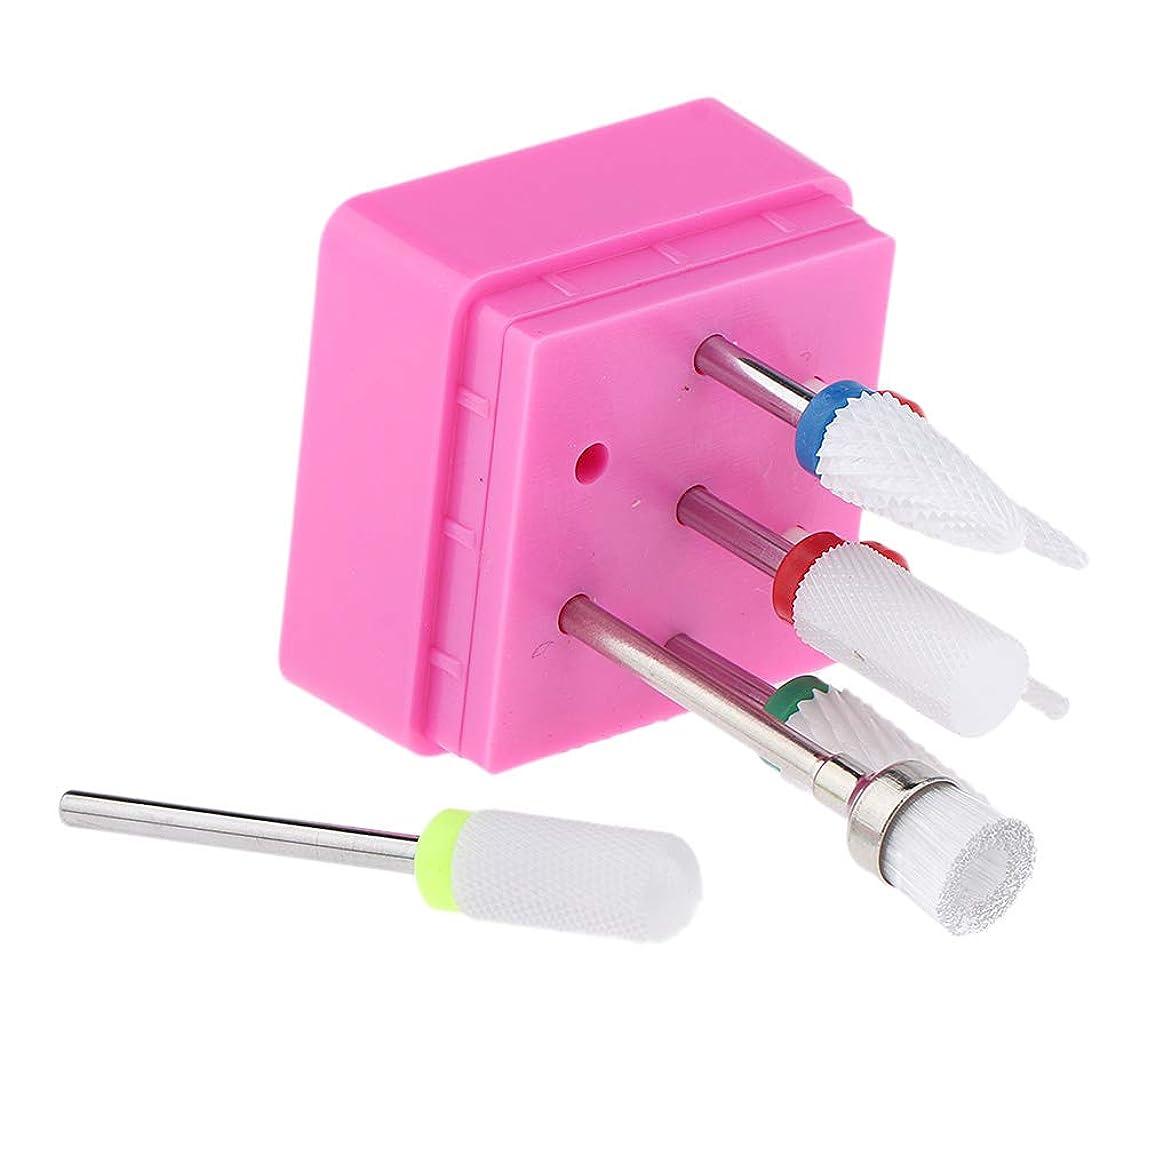 回復エキサイティング火曜日B Baosity 7本 ネイルアート ネイルファイル 研磨ヘッド 電気ドリルビット マニキュア